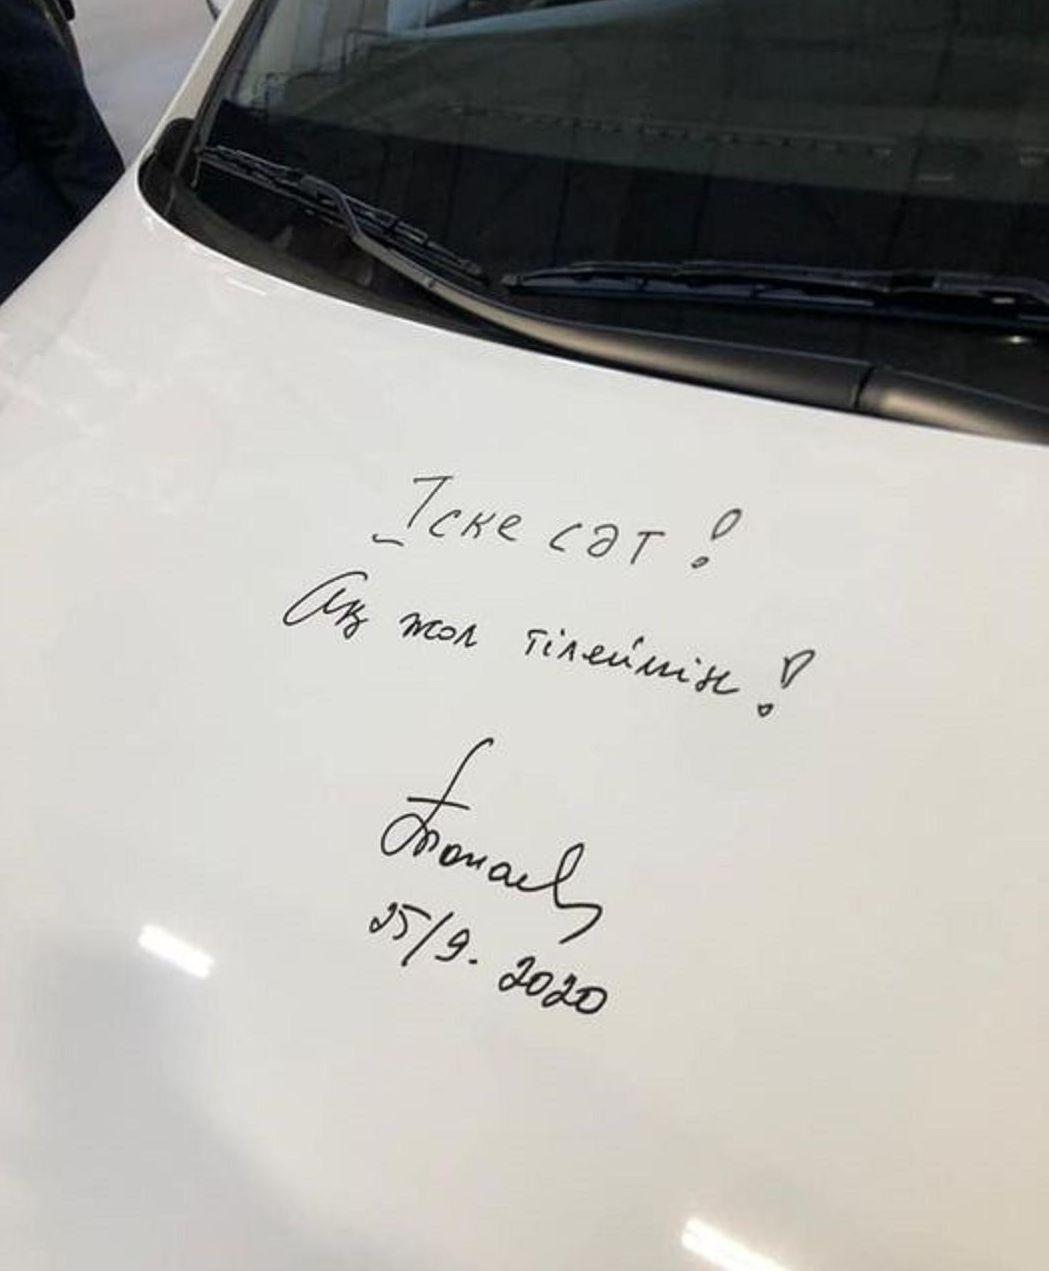 Касым-Жомарт Токаев оставил надпись на капоте авто